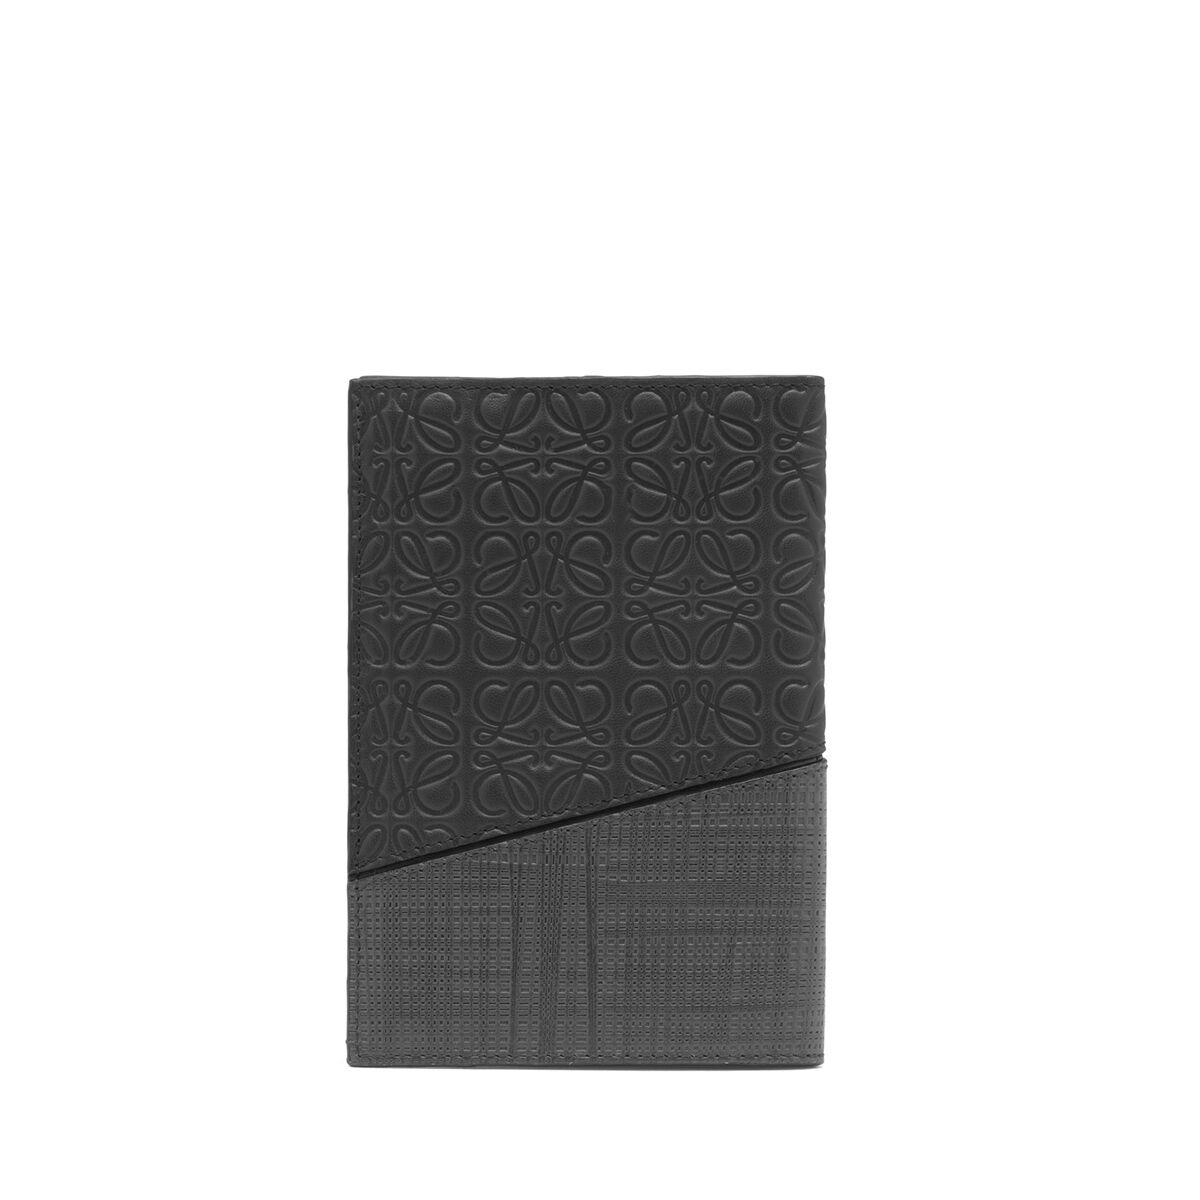 LOEWE パズル パスポート カバー ブラック all